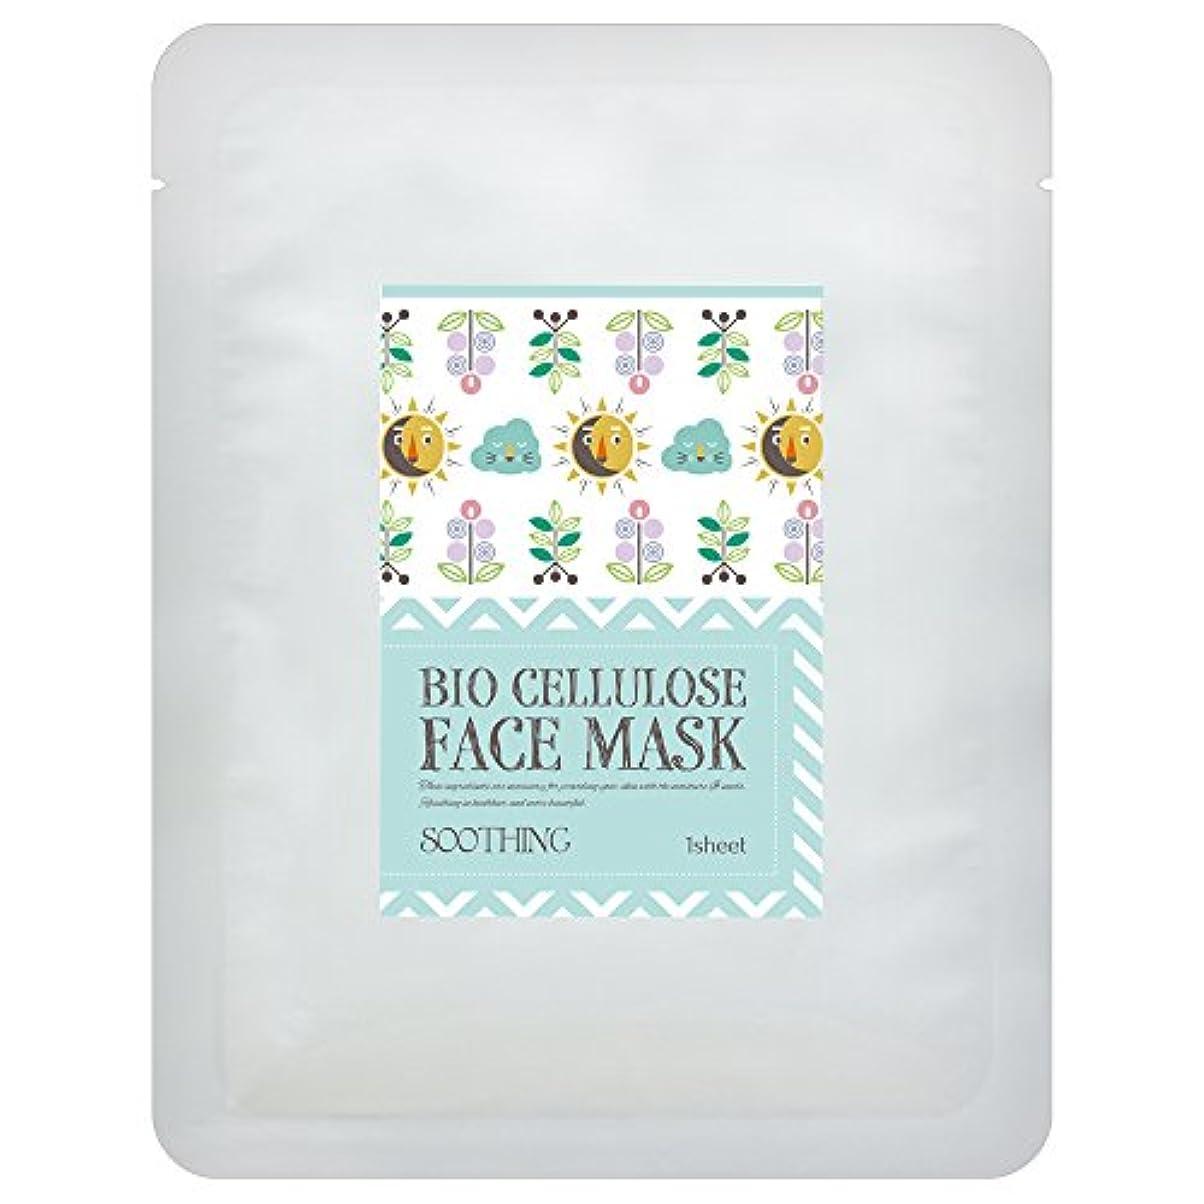 日本製バイオセルロース フェイスマスク SOOTHING(引き締め) 1枚